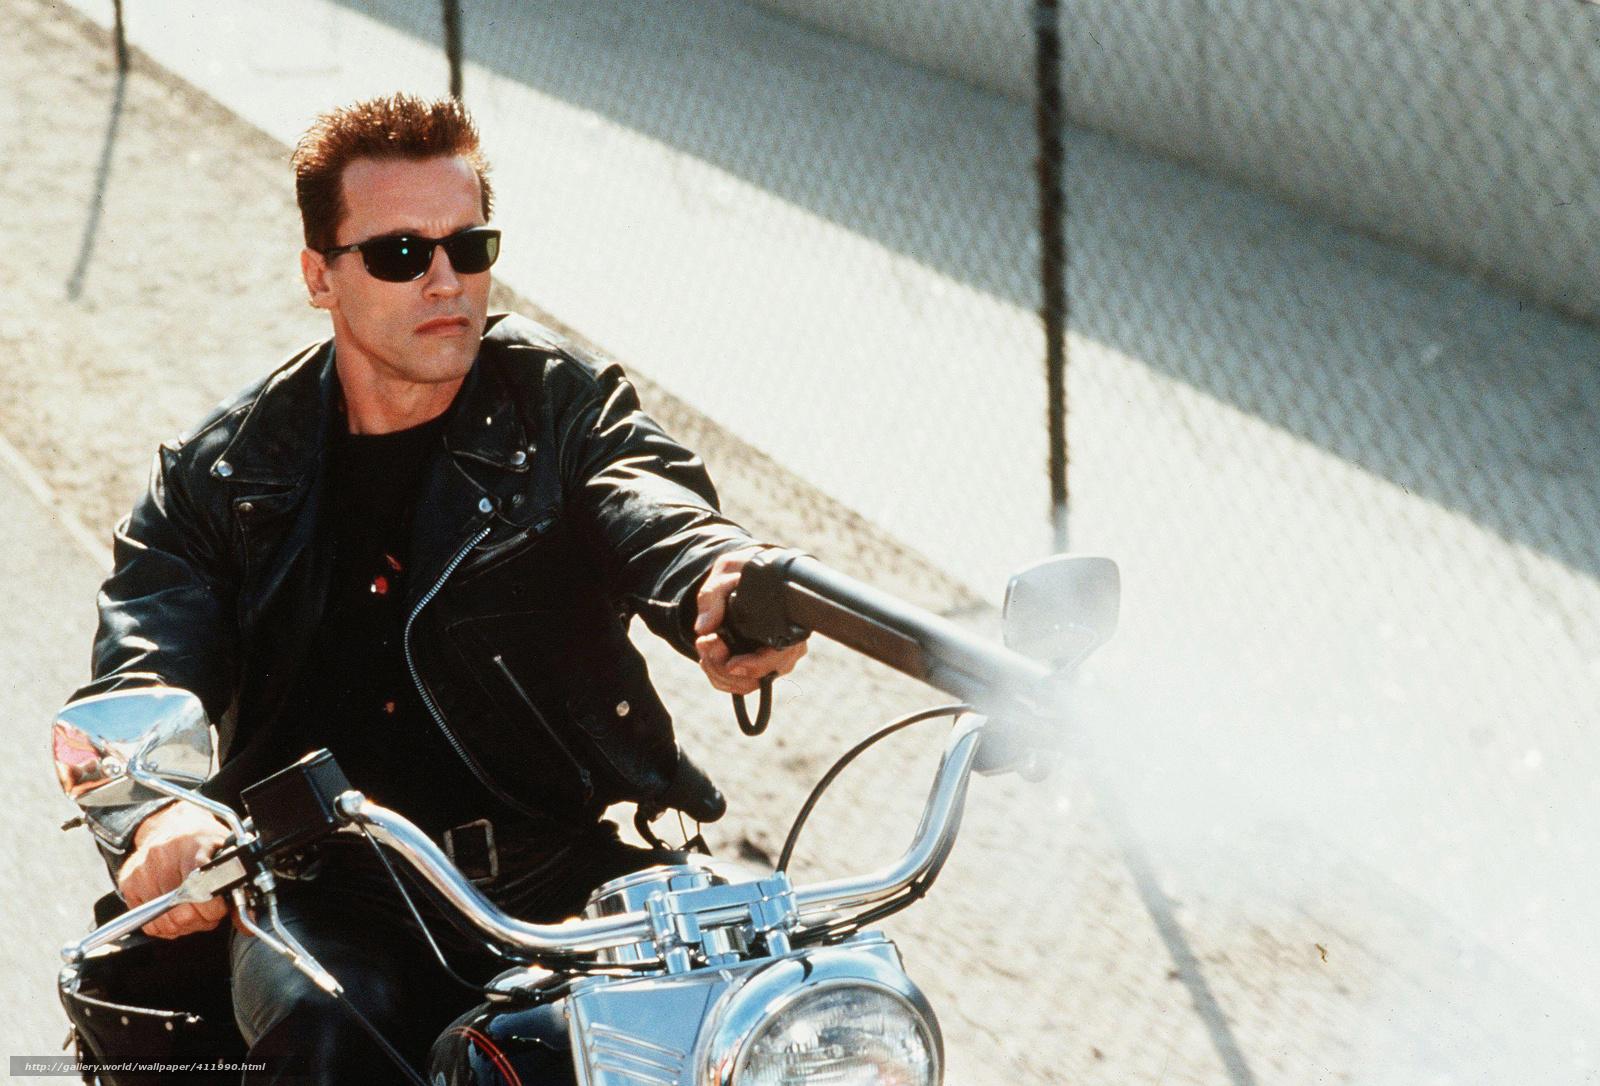 Знаменитость арни кадр мотоцикл